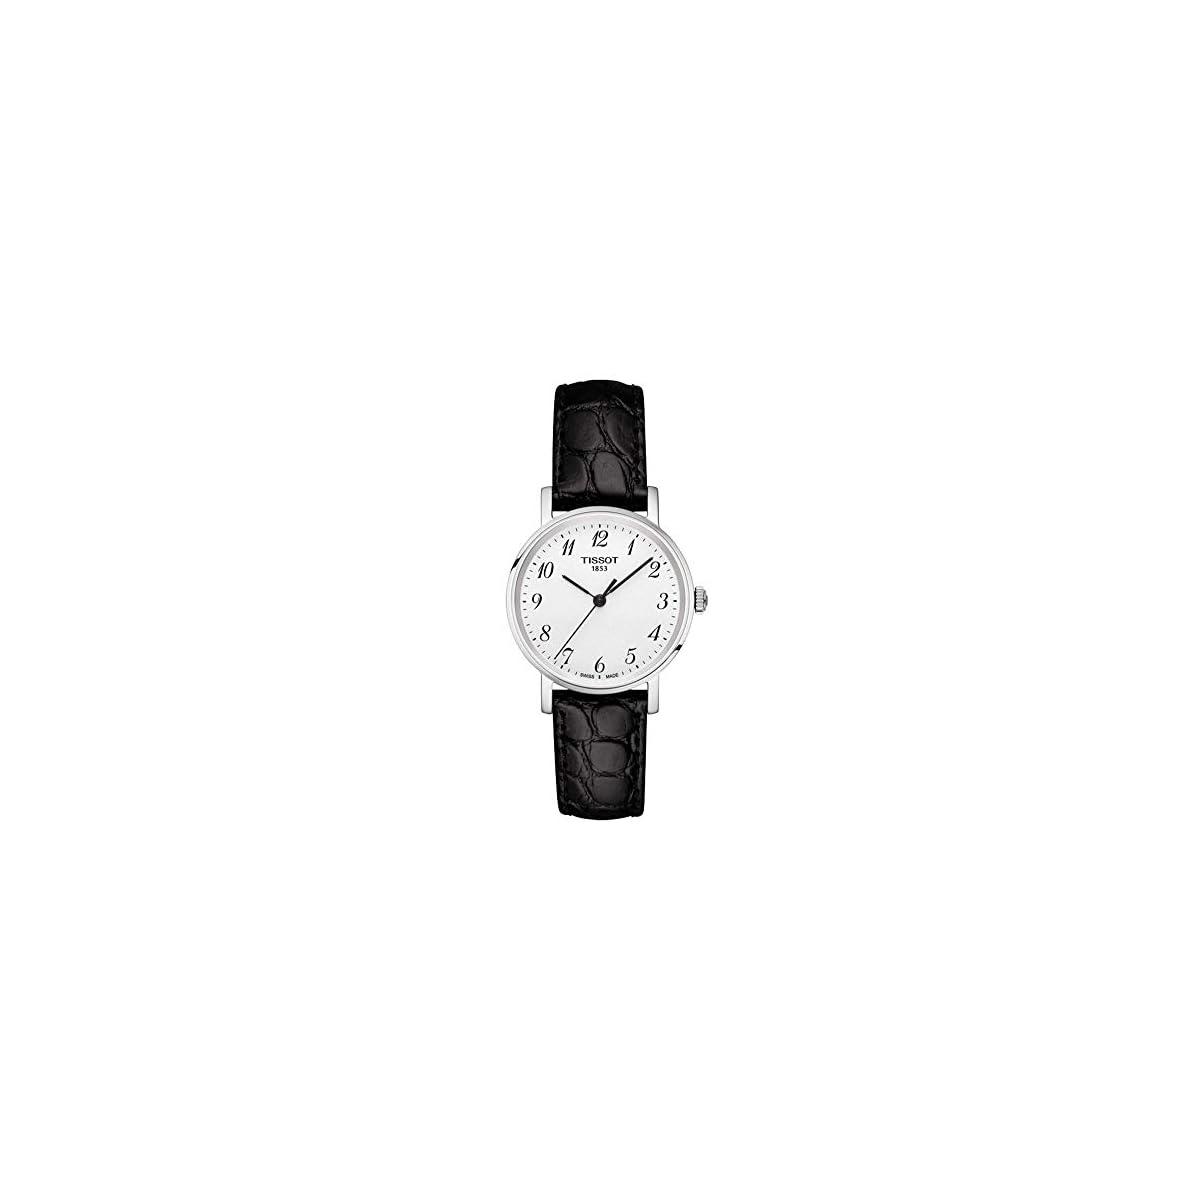 41RmiPDrf1L. SS1200  - Tissot Reloj Analógico para Unisex Adultos de Cuarzo con Correa en Cuero T1092101603200